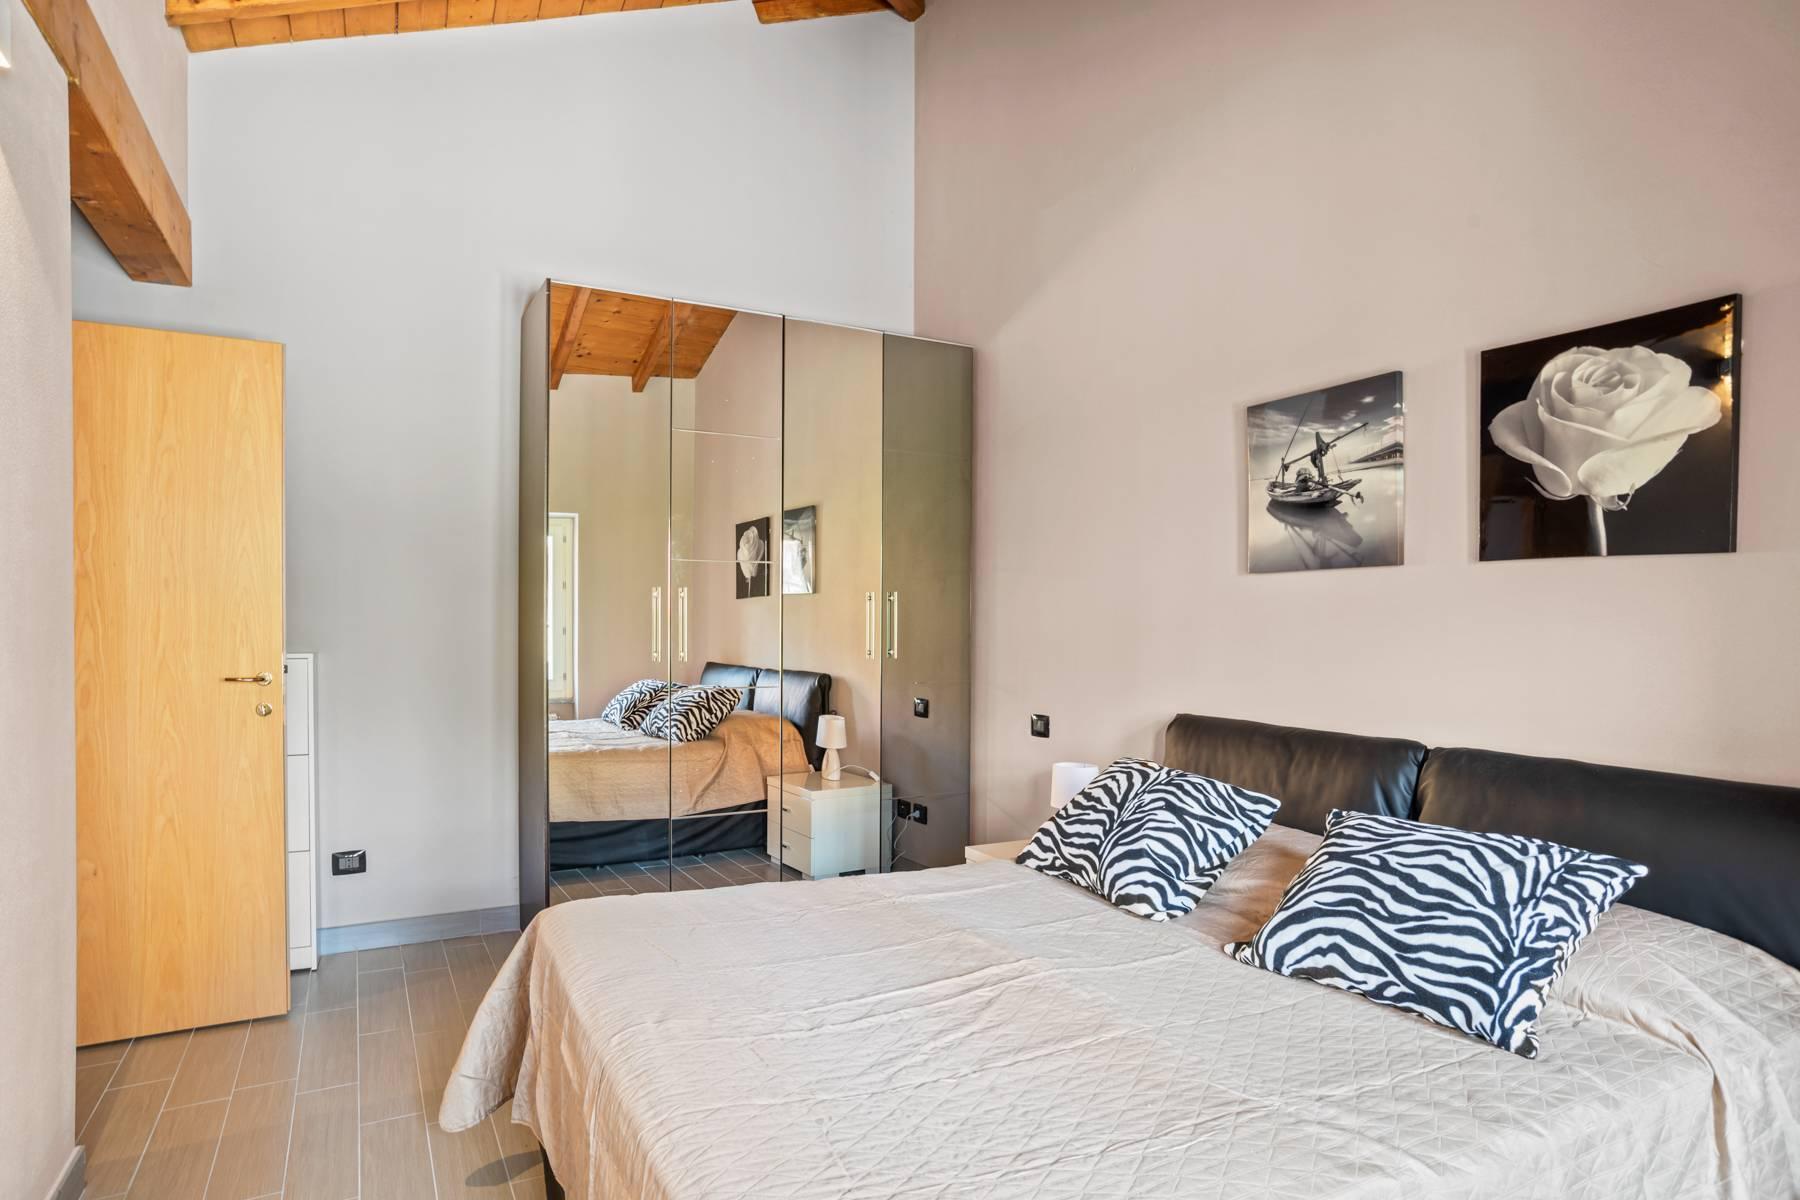 Appartamento in Vendita a Castelveccana: 3 locali, 82 mq - Foto 6